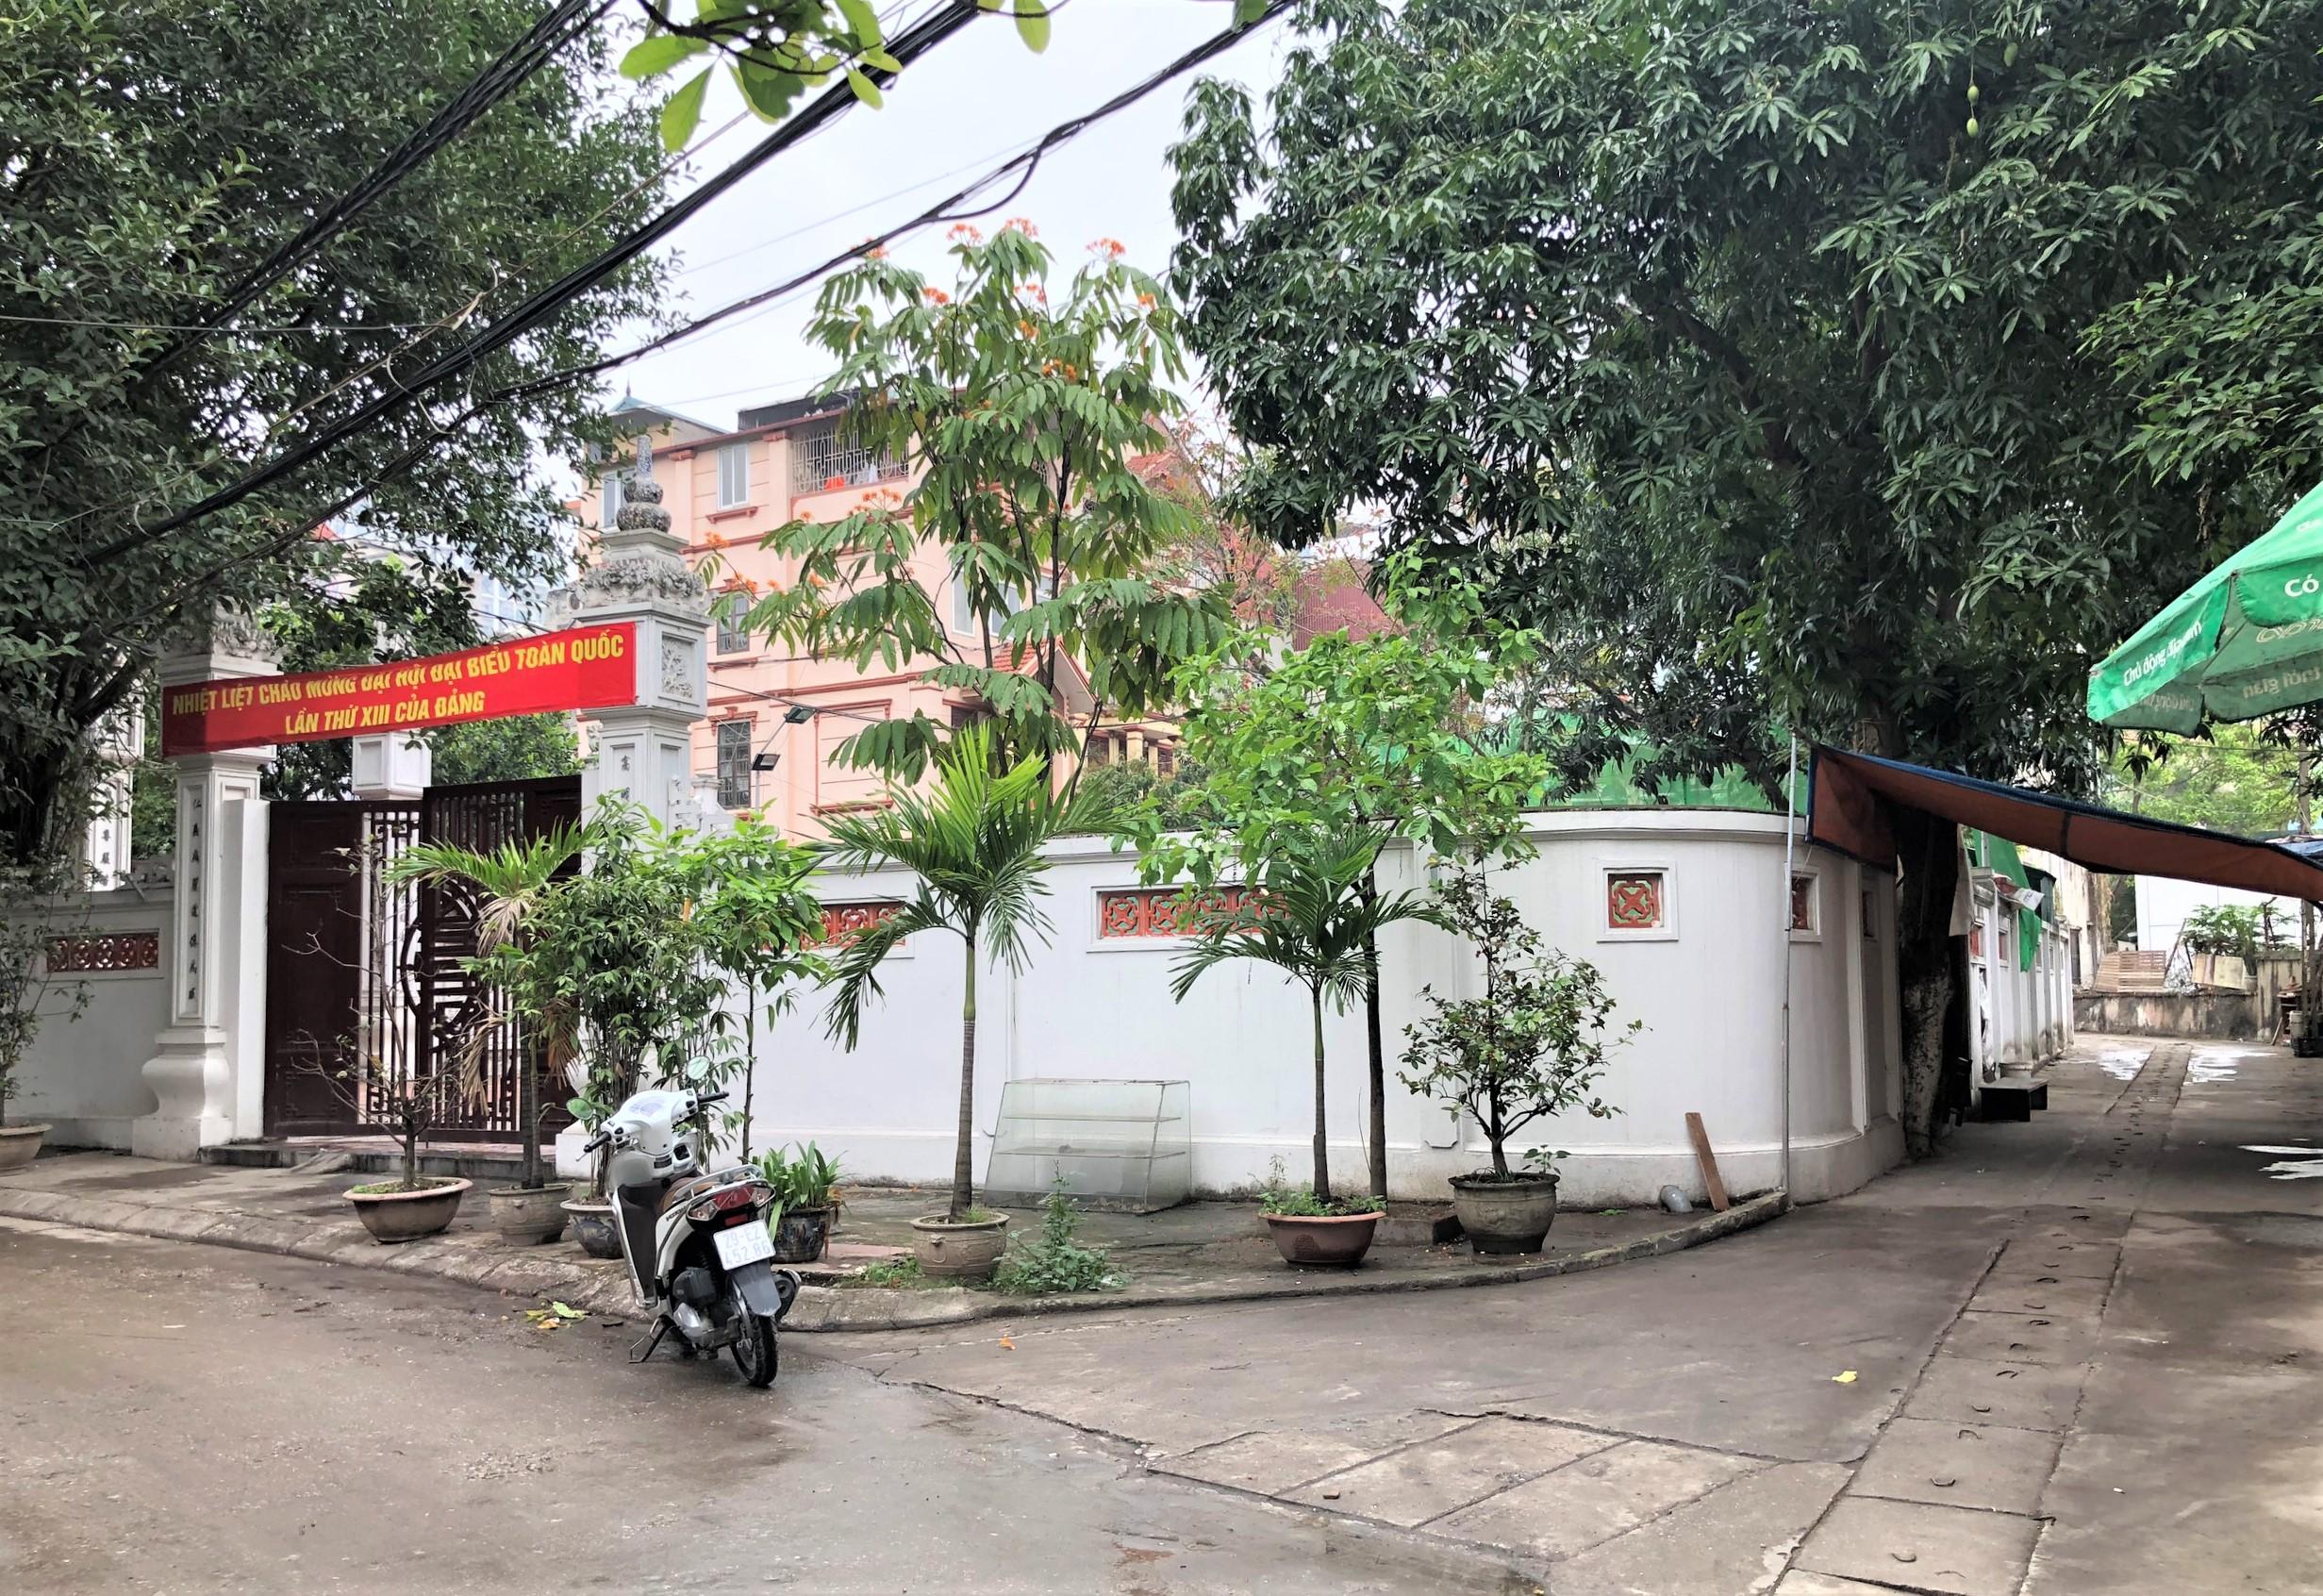 Đường sắp mở theo quy hoạch ở phường Liễu Giai, Ba Đình, Hà Nội (phần 3): Hai đường nối từ Văn Cao đến đường Vạn Phúc - Hoàng Hoa Thám  - Ảnh 6.